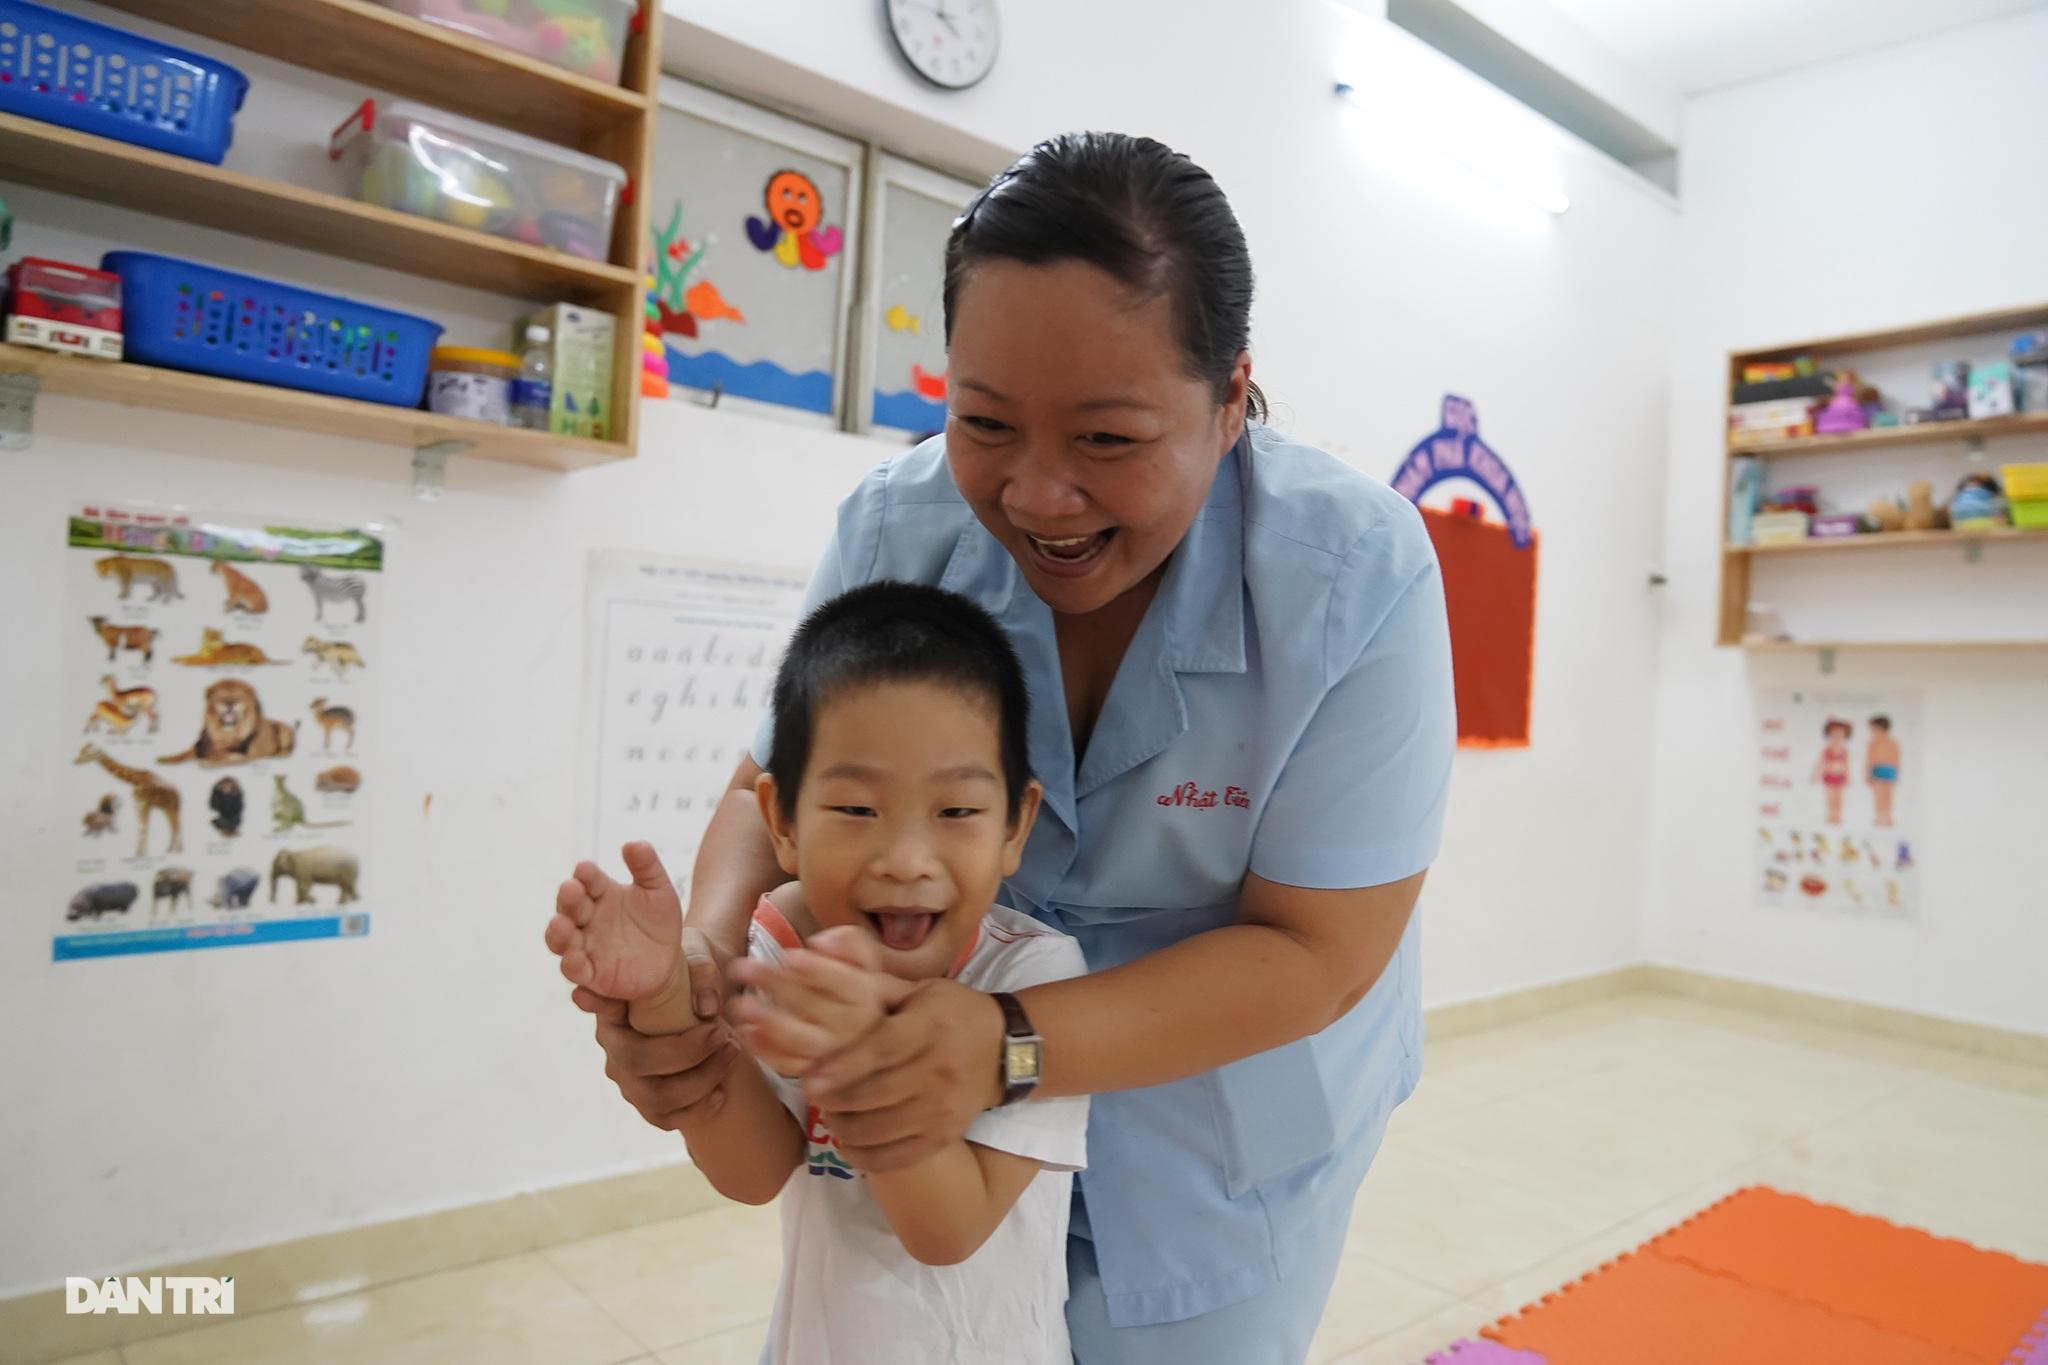 Dạy trẻ khuyết tật đòi hỏi phải kiên nhẫn và yêu thương - 3